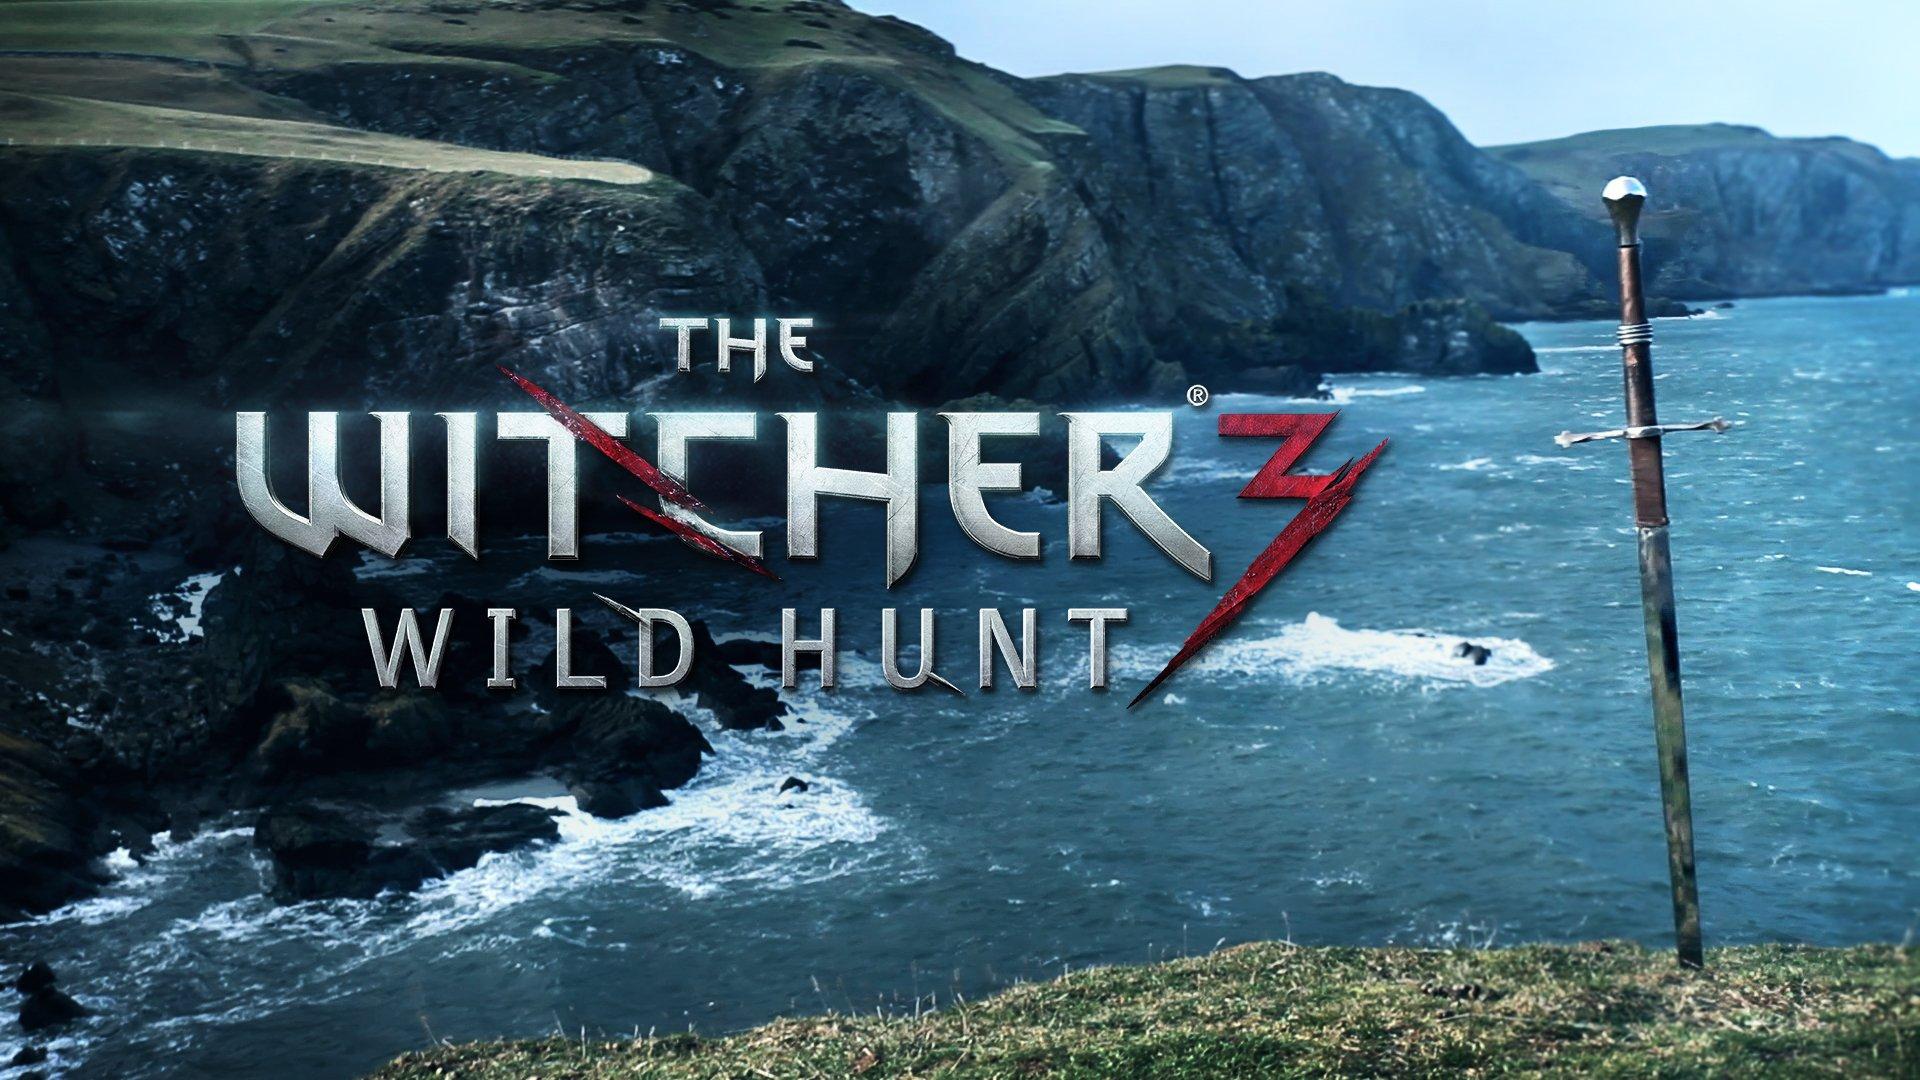 The Witcher 3: Wild Hunt на Comic-Con!    Даг Кокл, актёр, озвучивающий Геральта из Ривии, рассказал о том что уже  .... - Изображение 1